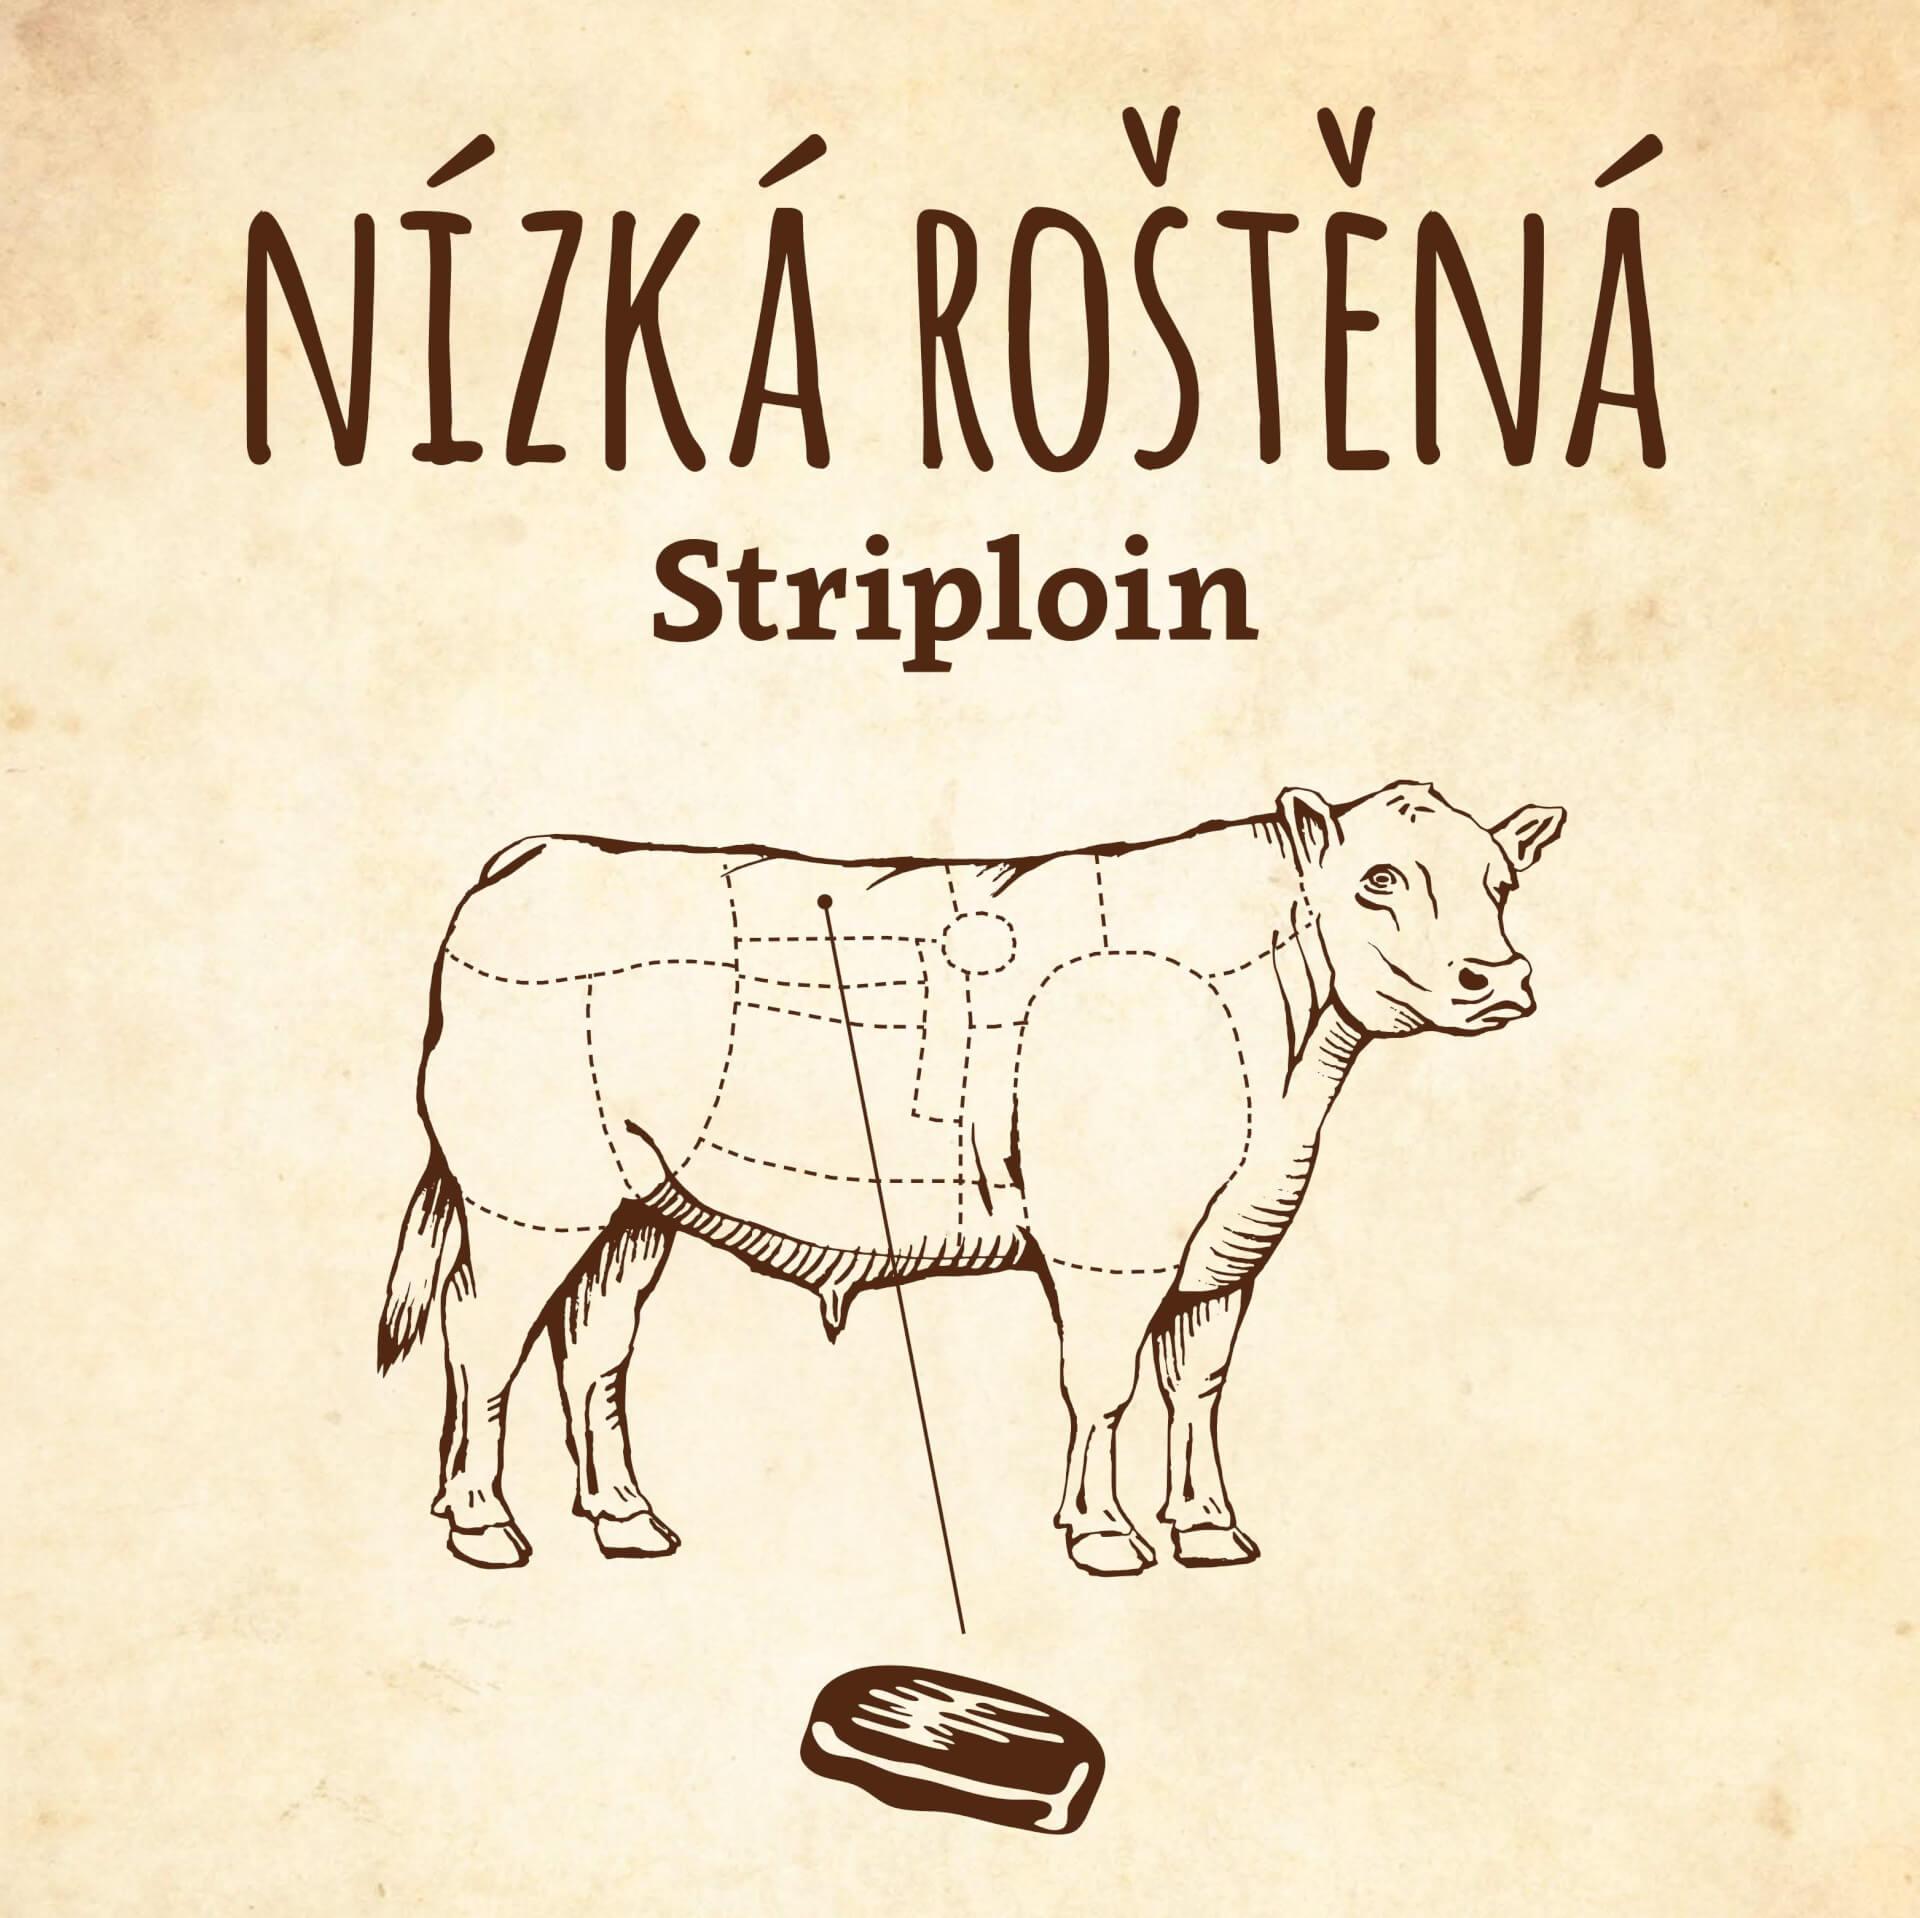 Steak z nízké roštěné / Striploin